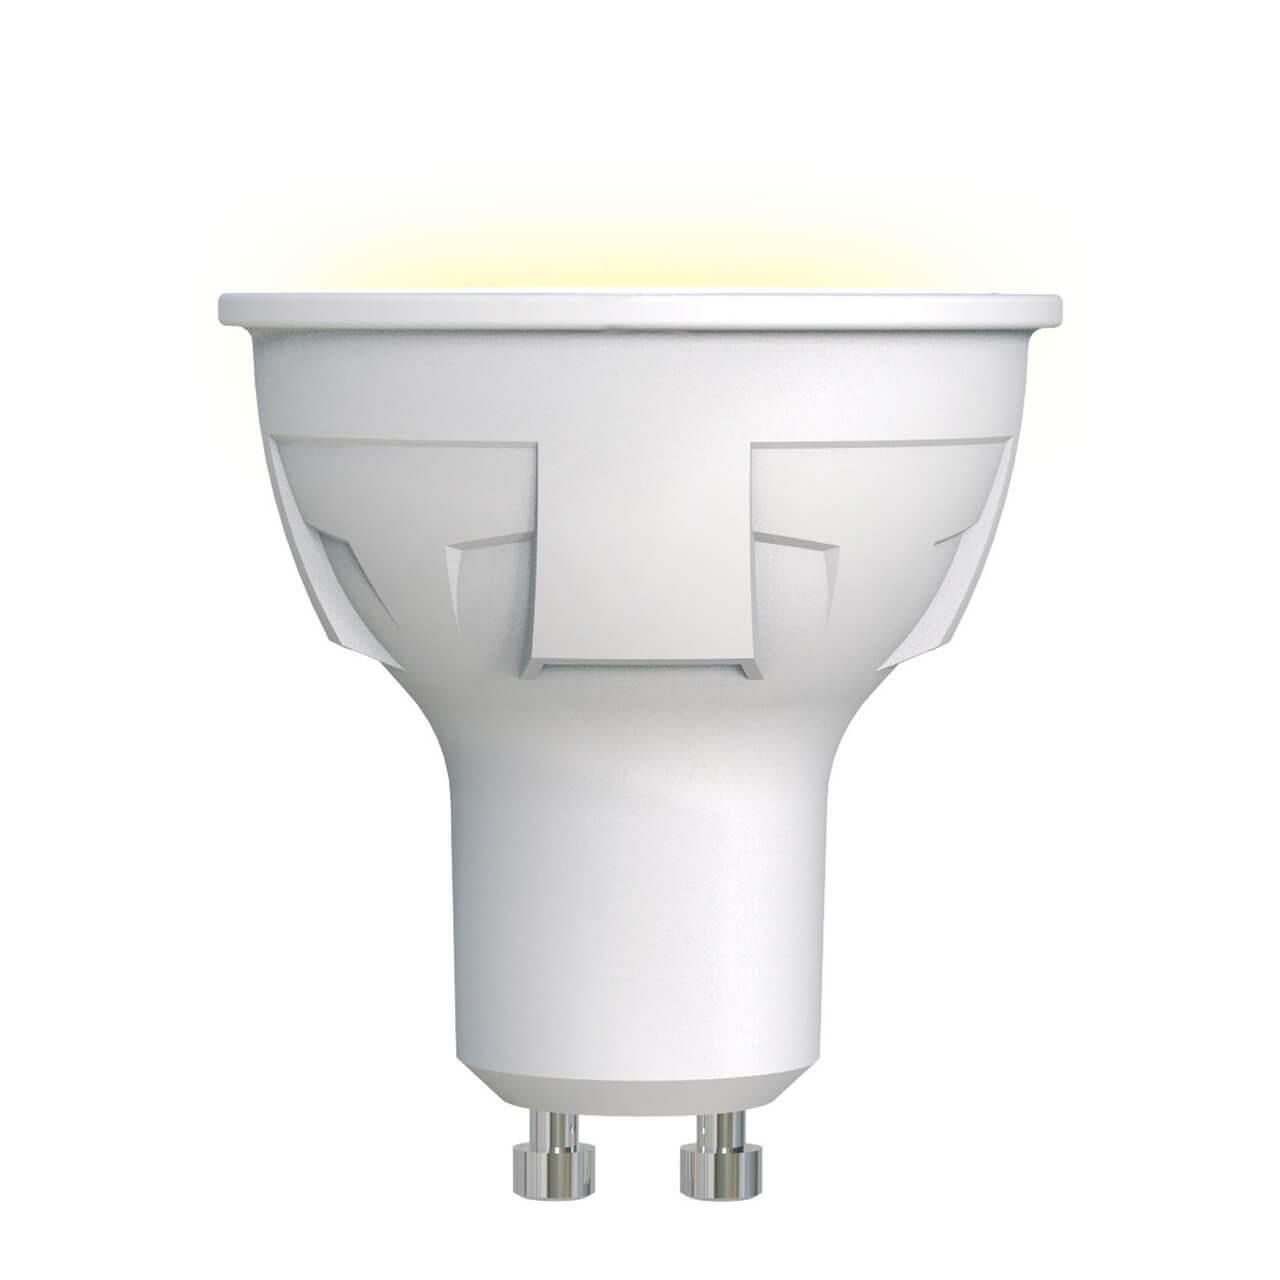 Лампа светодиодная (UL-00002423) Uniel GU10 6W 3000K матовая LED-JCDR 6W/WW/GU10/FR PLP01WH